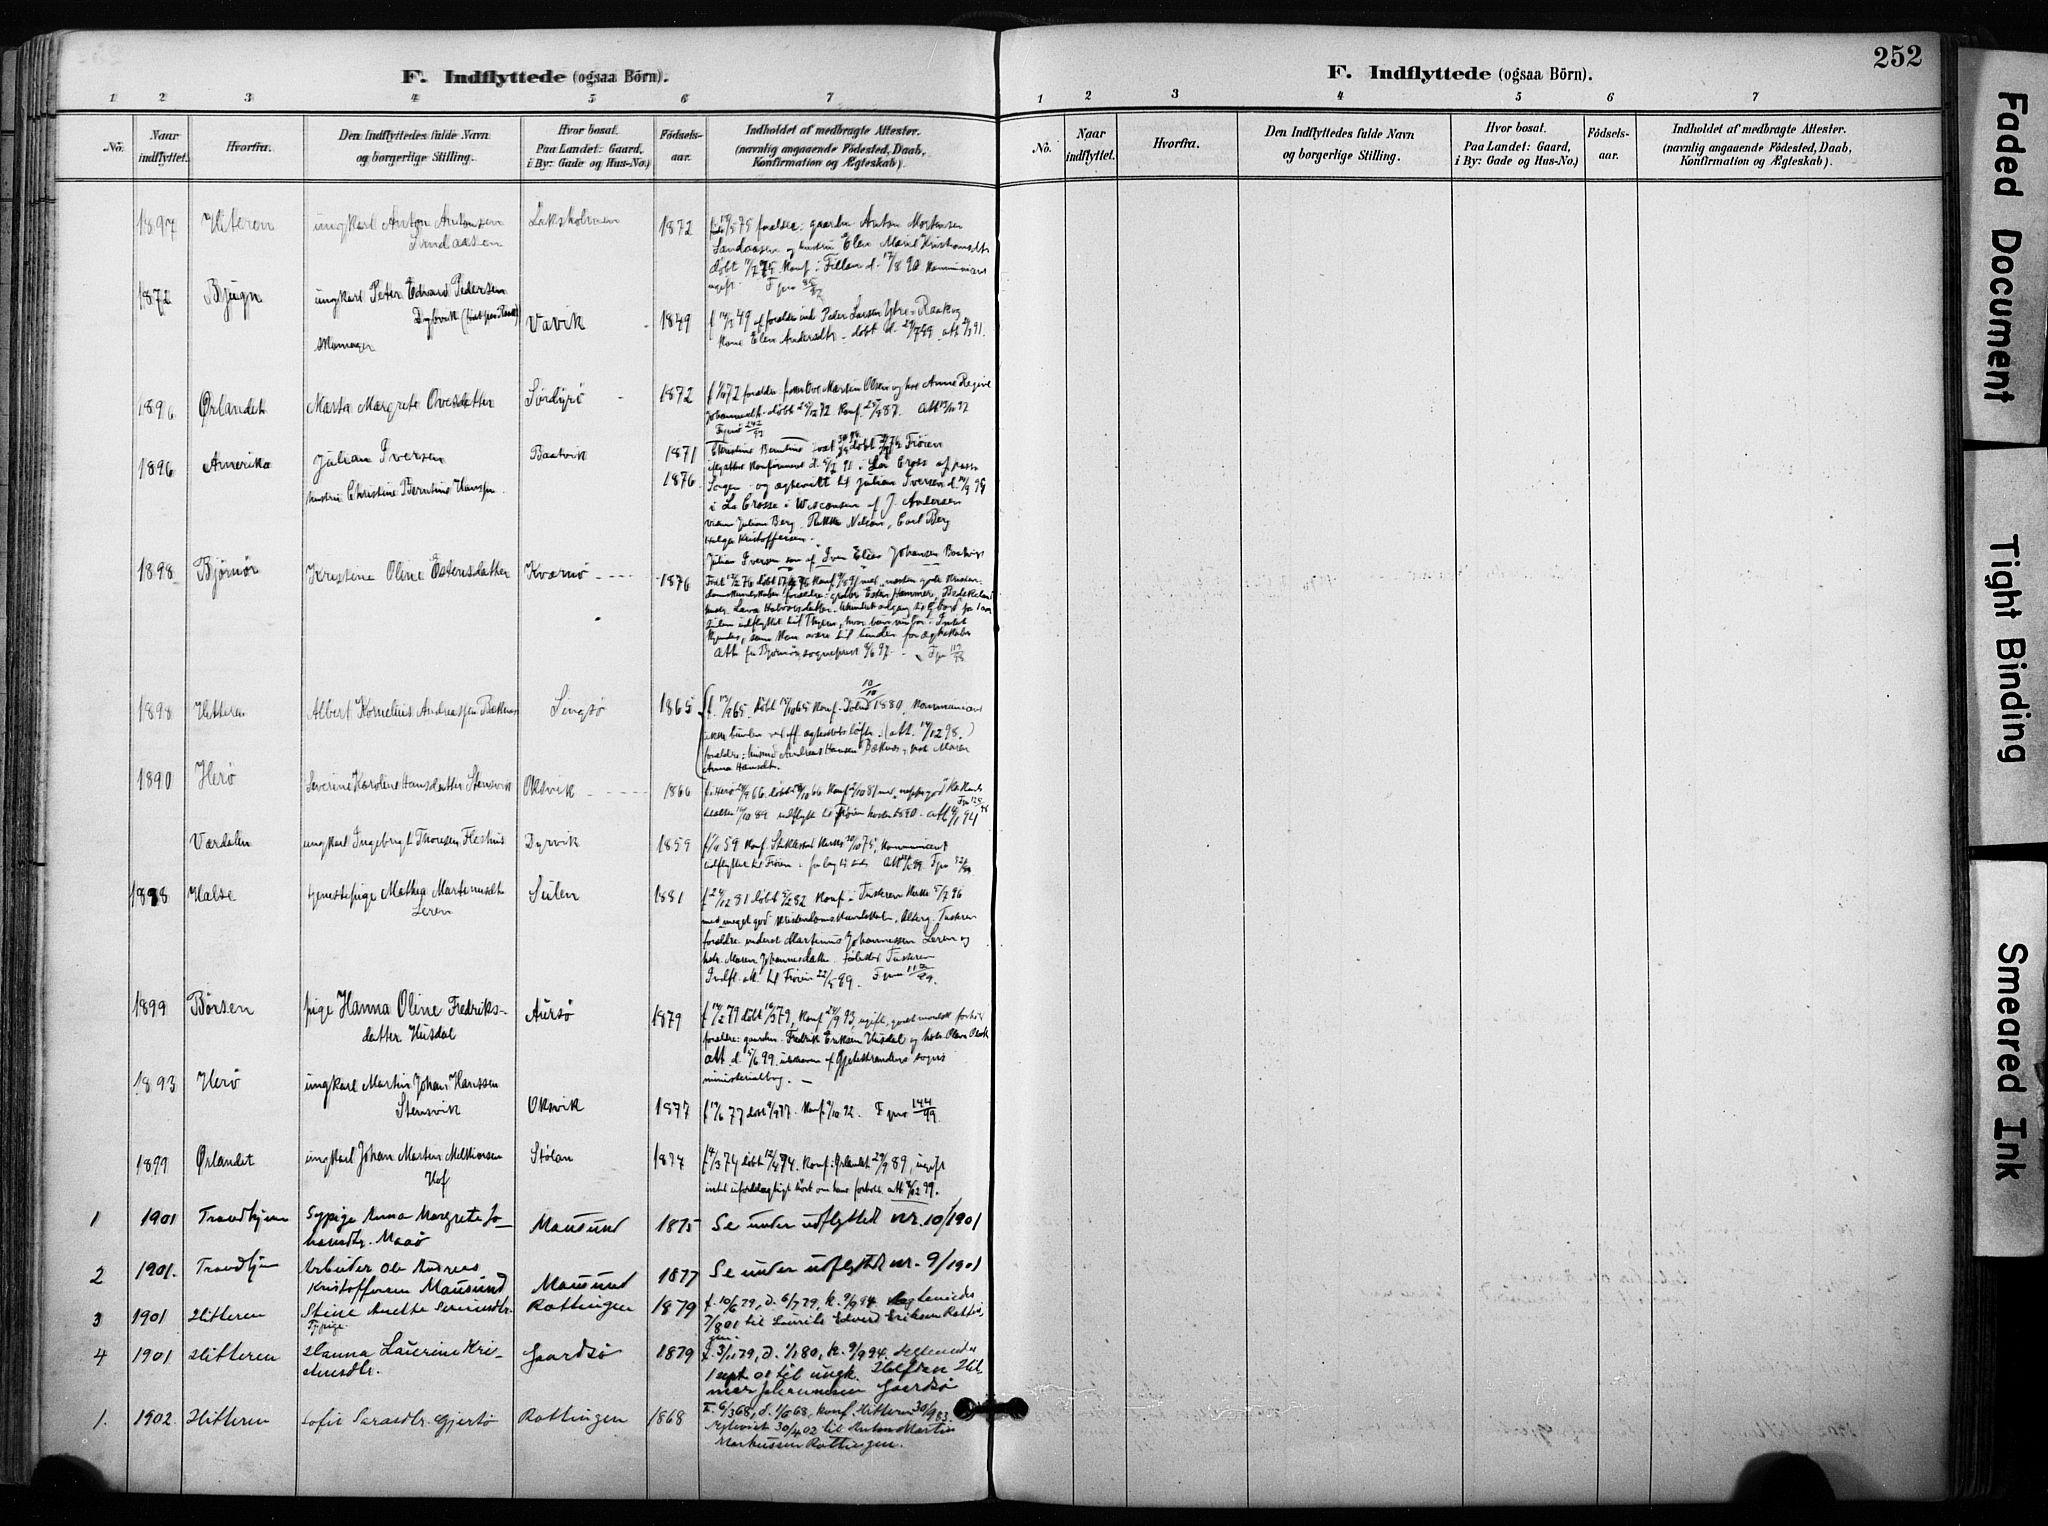 SAT, Ministerialprotokoller, klokkerbøker og fødselsregistre - Sør-Trøndelag, 640/L0579: Ministerialbok nr. 640A04, 1889-1902, s. 252